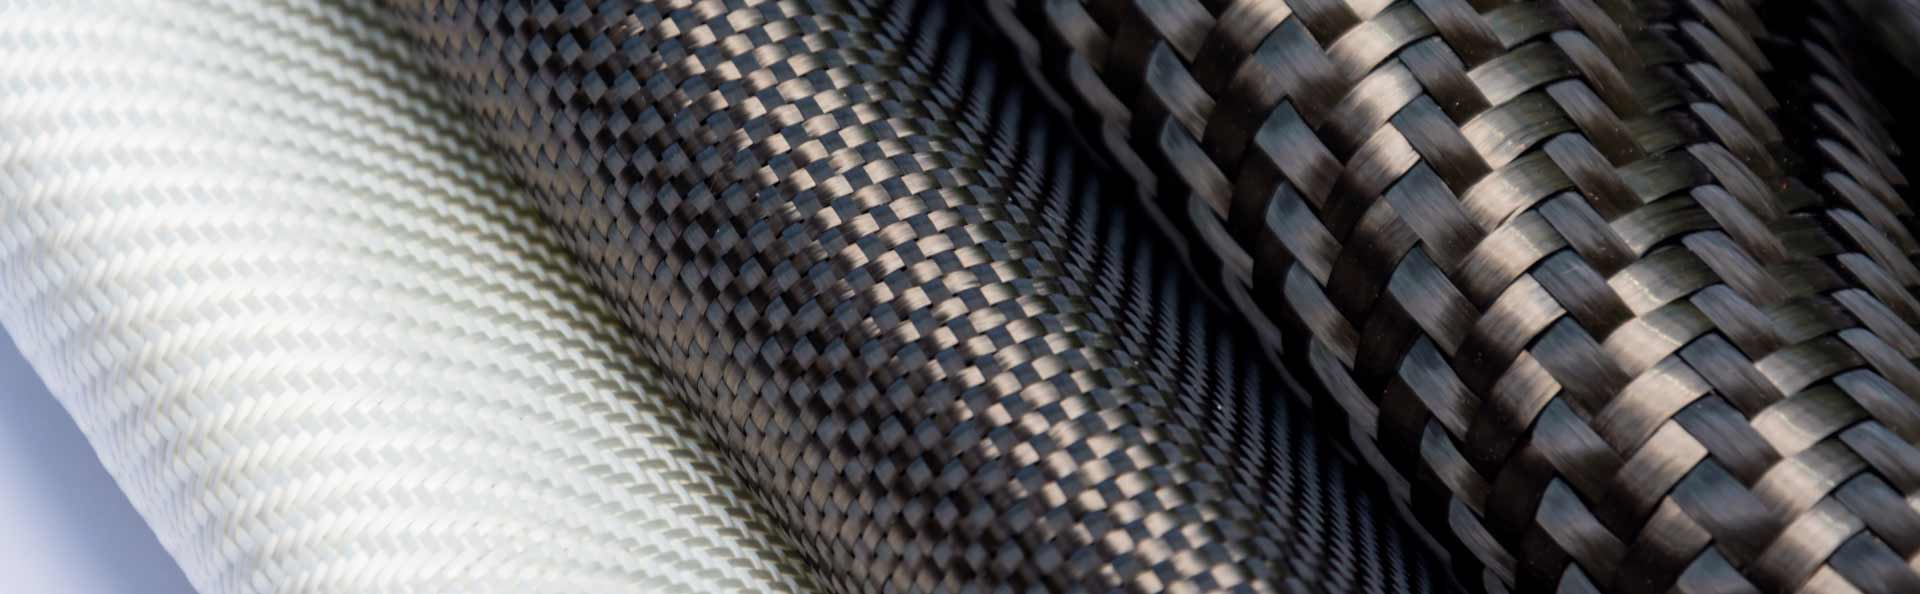 Technische-Textilien